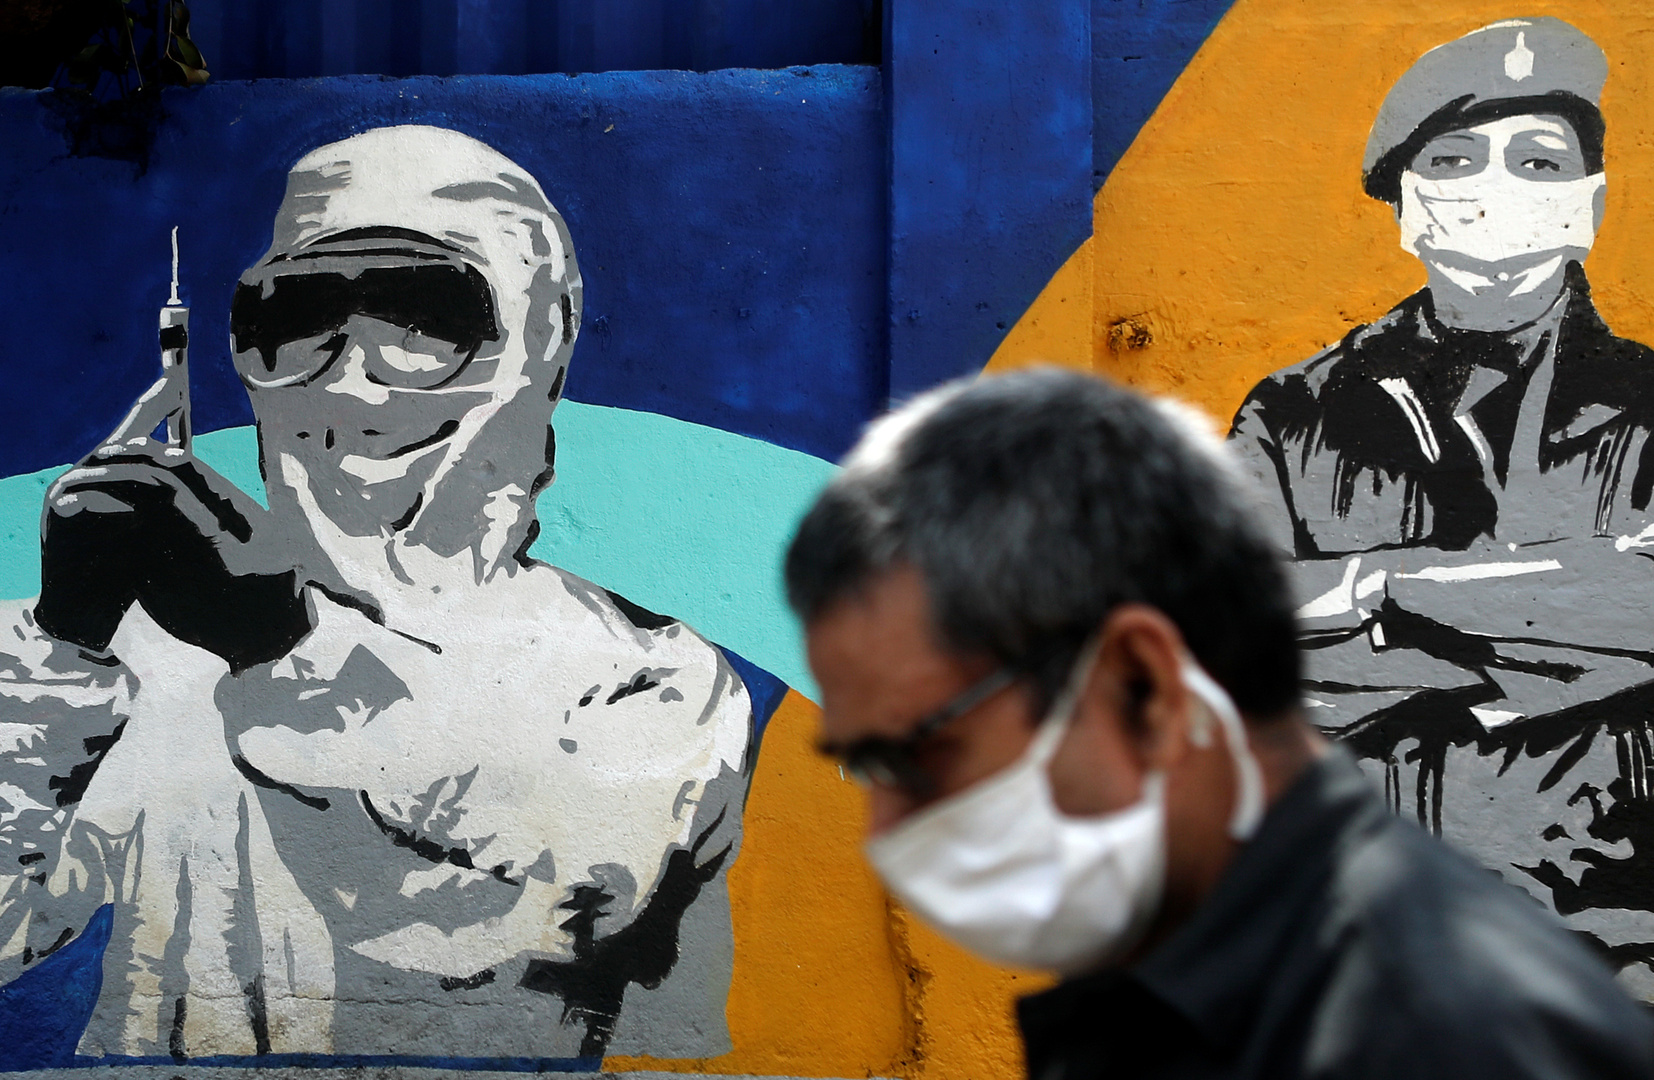 الولايات المتحدة ... أكثر من 67 ألف إصابة بفيروس كورونا خلال اليوم الأخير